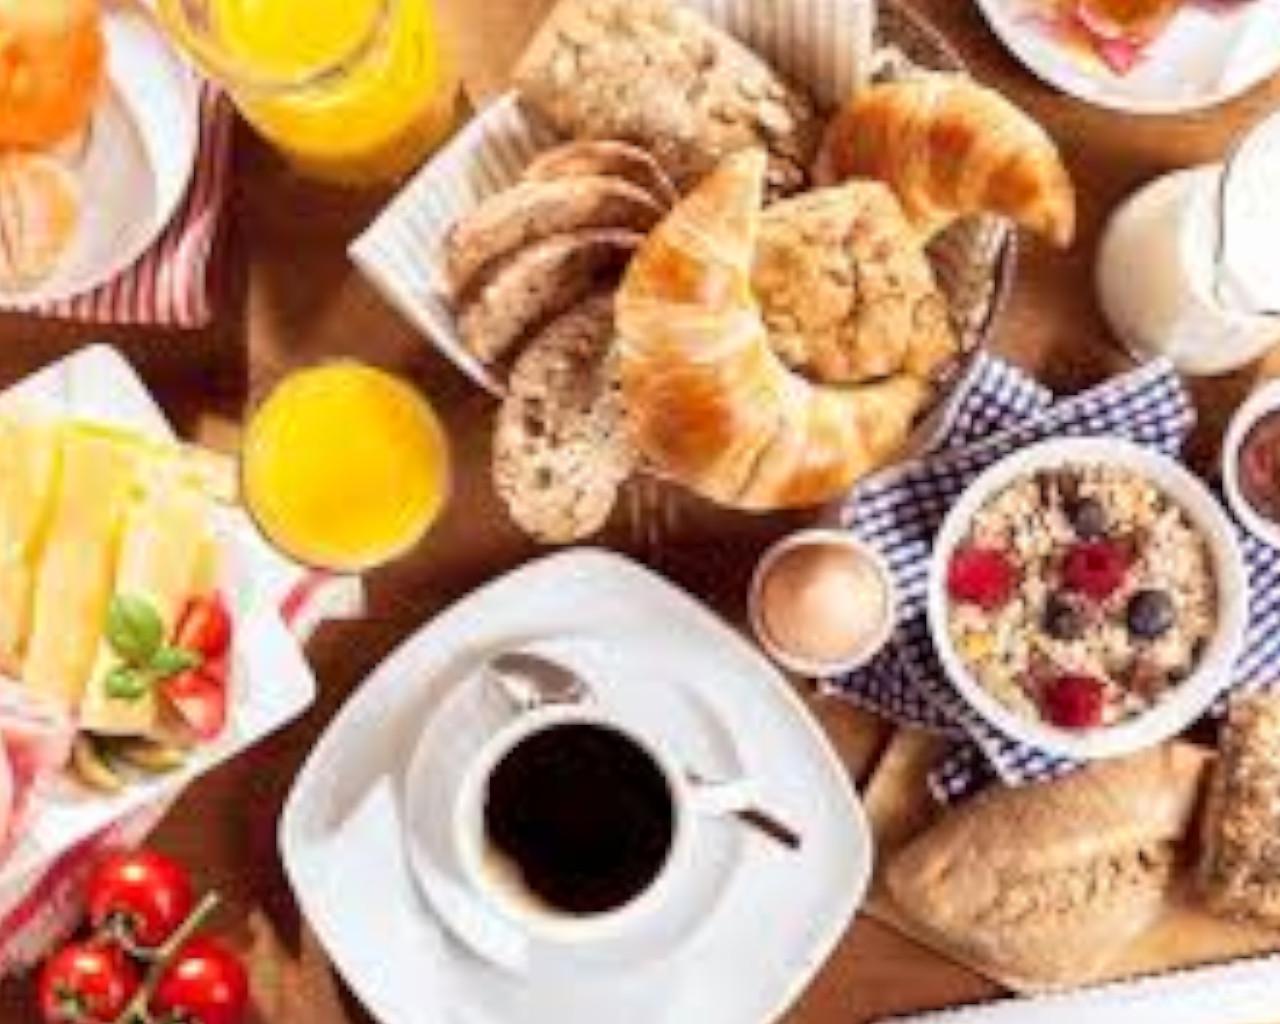 πρωινο,πρωινο ζωδια,πρωινο για παιδια,πρωινο αντ1,πρωινοσ τυποσ,πρωινο συνταγεσ,πρωινο με βρωμη,πρωινοι τυποι,πρωινοσ λογοσ